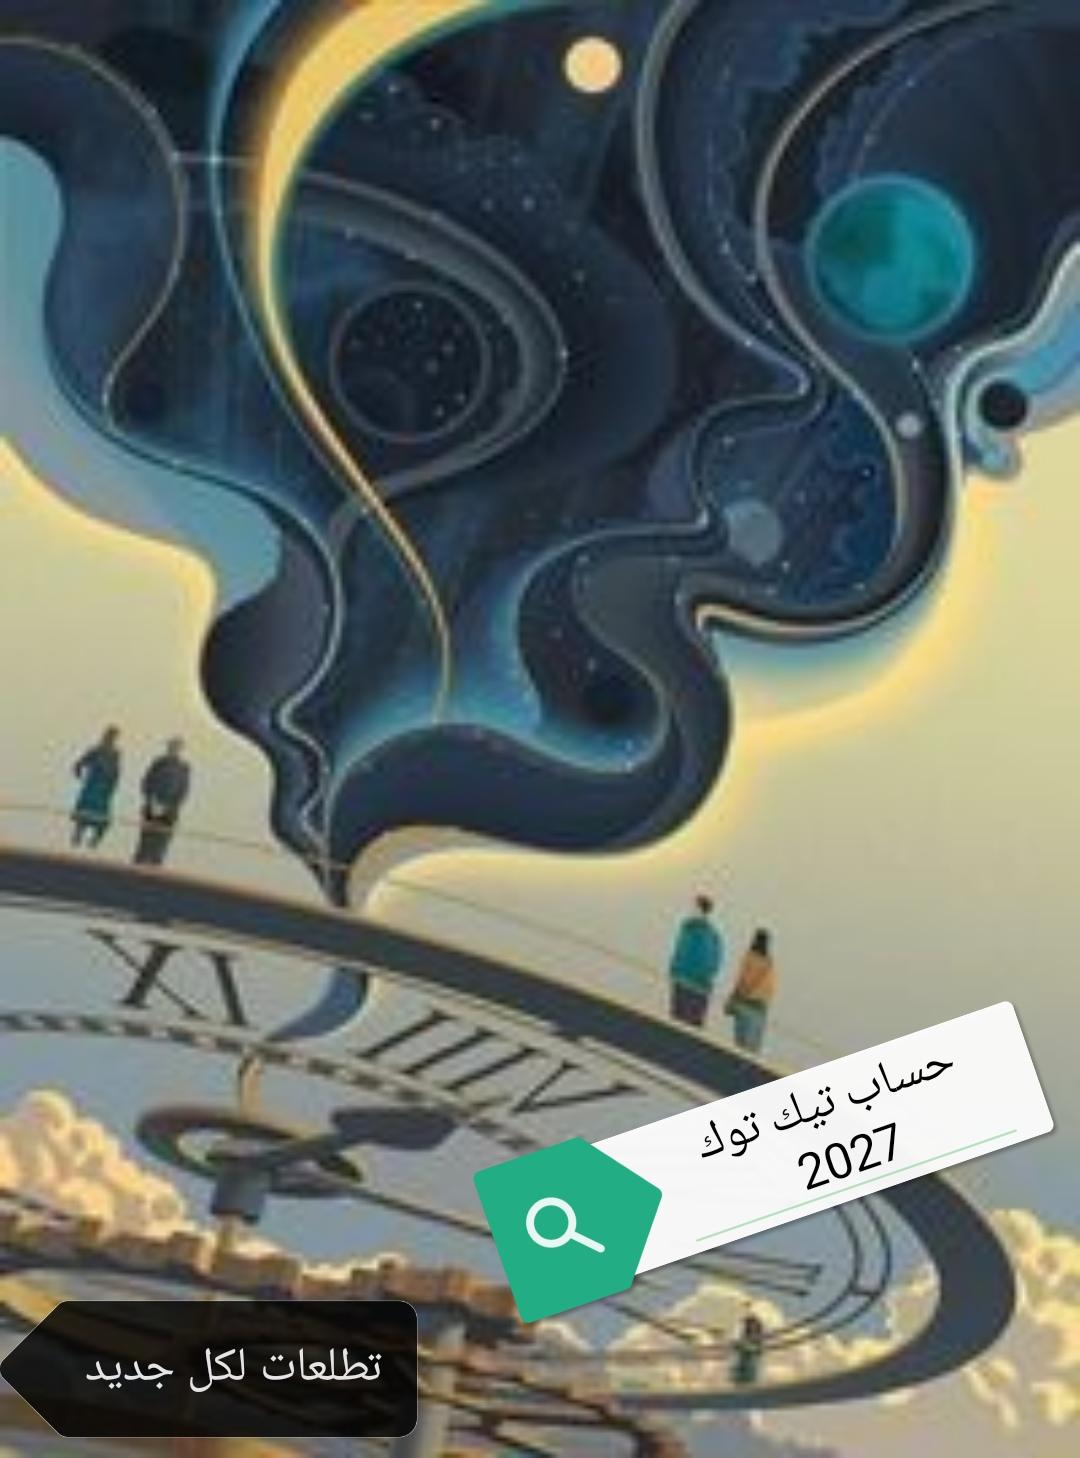 حساب تيك توك 2027 أسرار تعرفها لأول مره